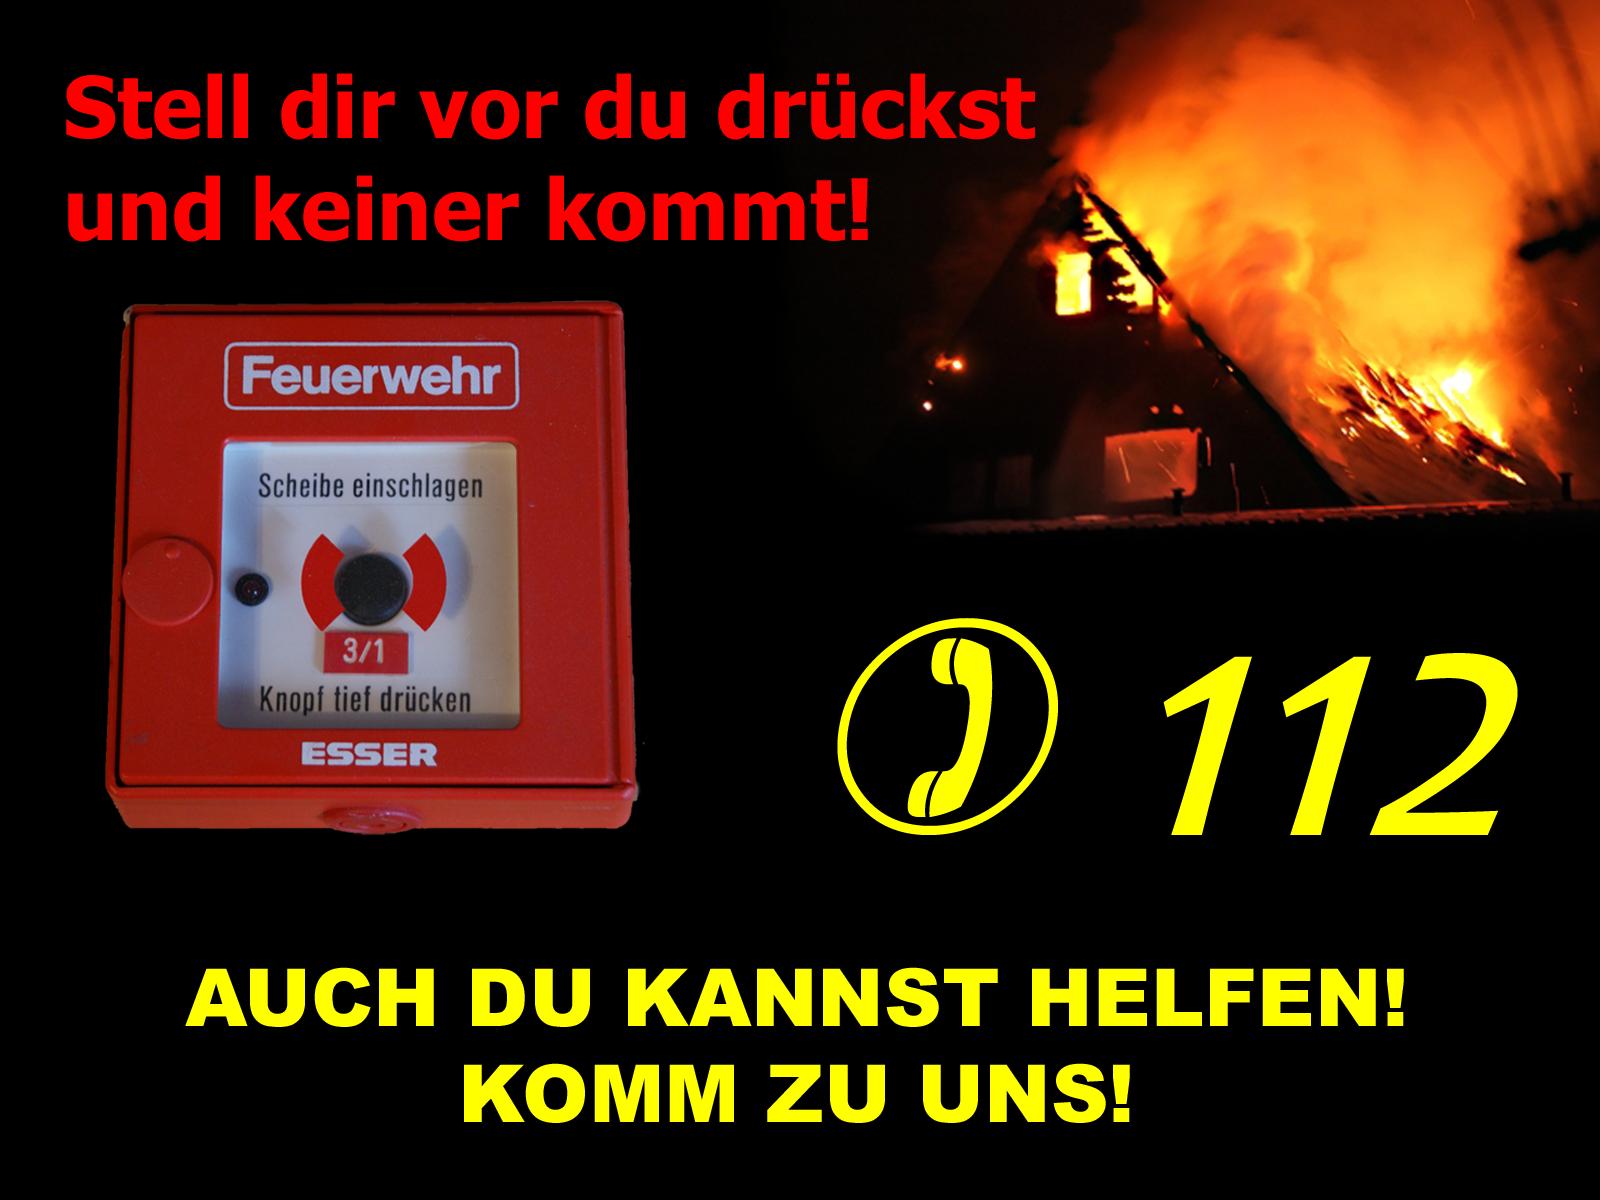 Freiwillige Feuerwehr Hartenstein